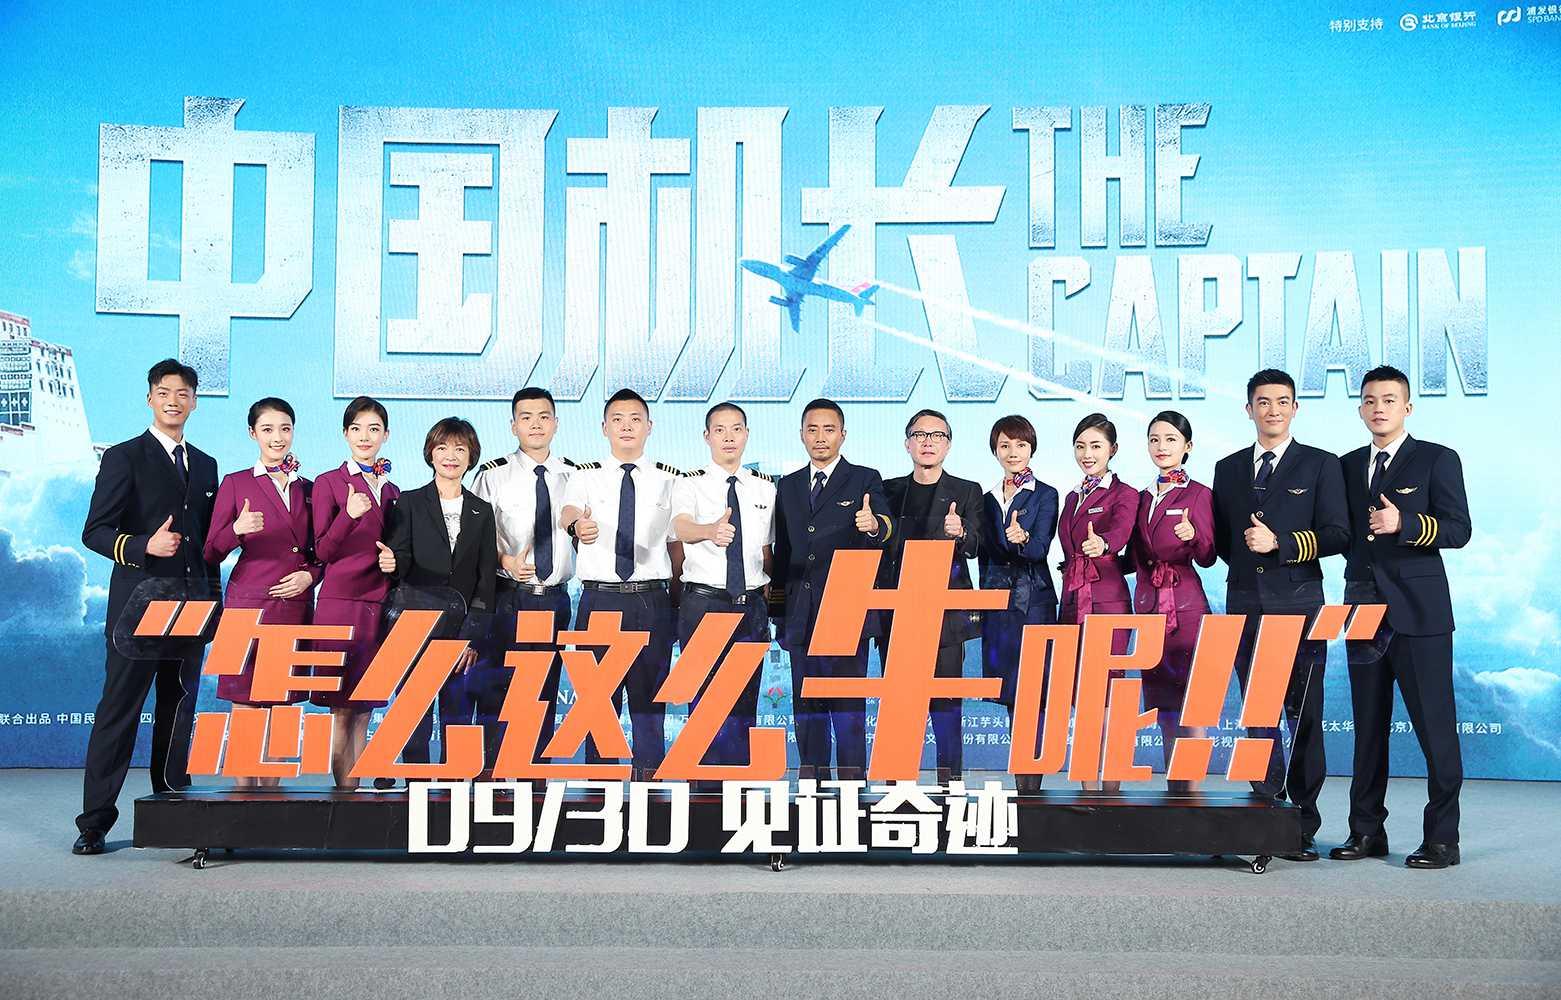 《中国机长》首映礼张天爱 (1).jpg